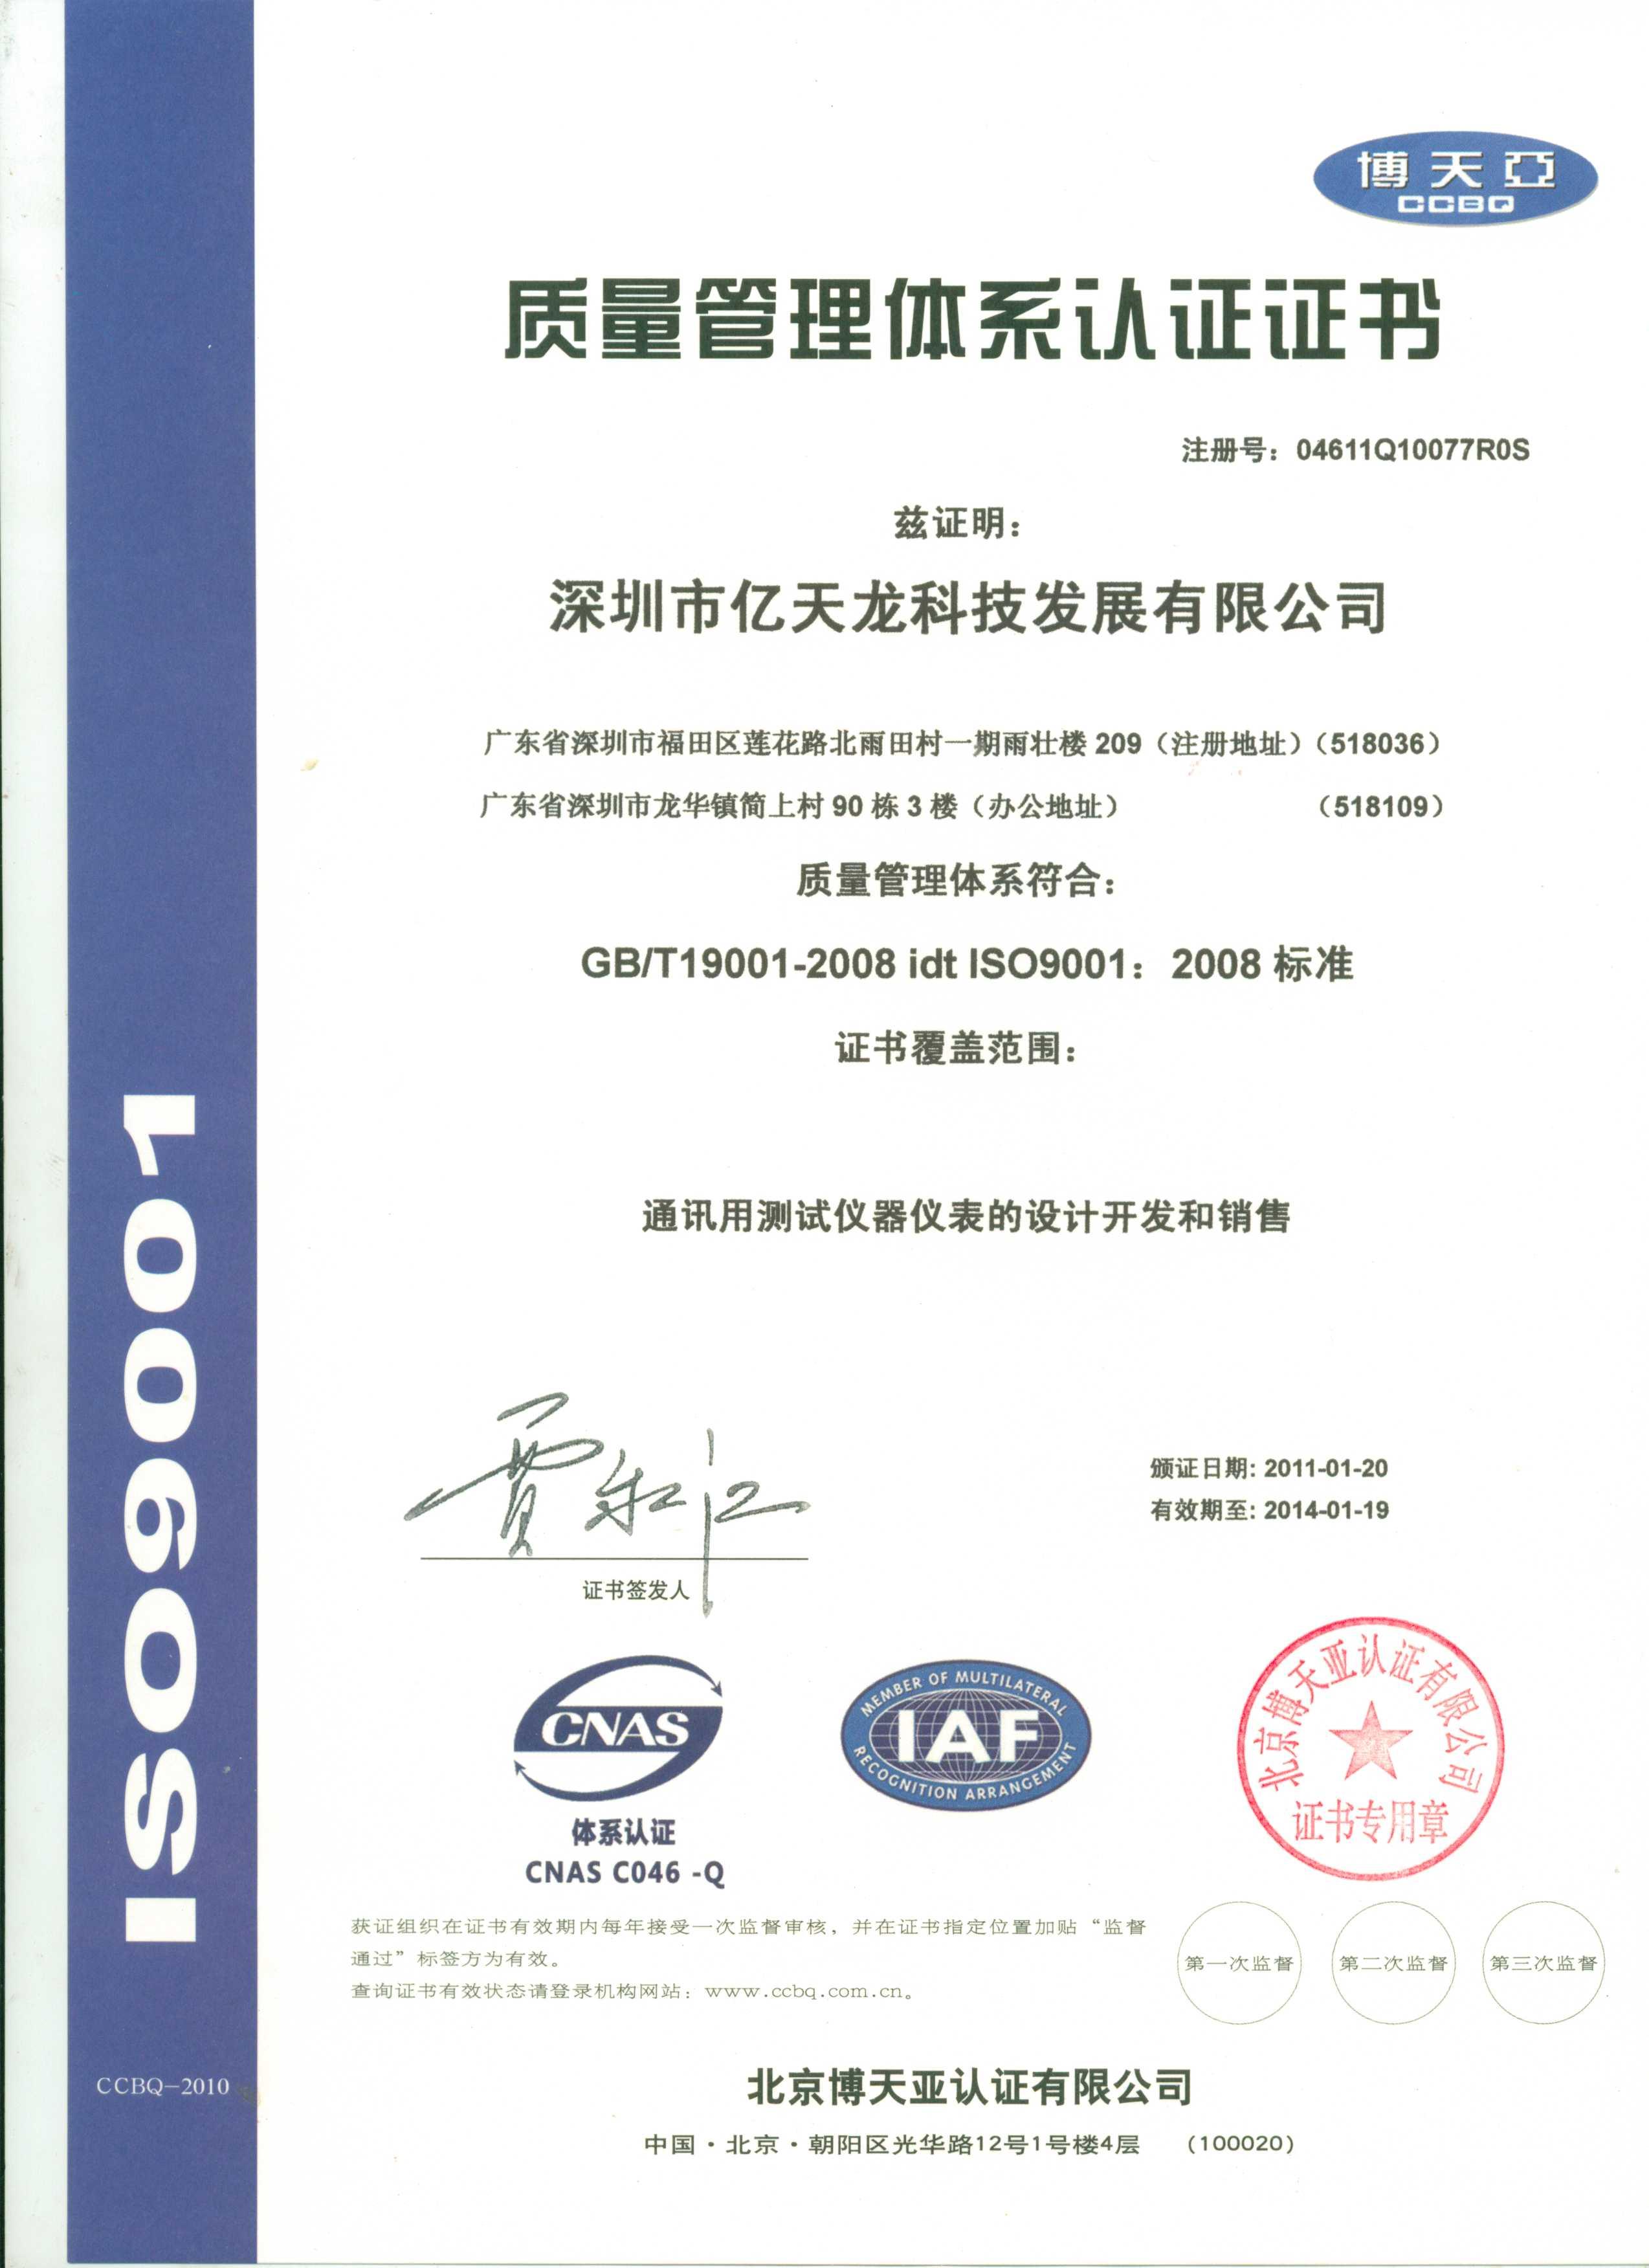 亿天龙公司顺利通过iso9001认证